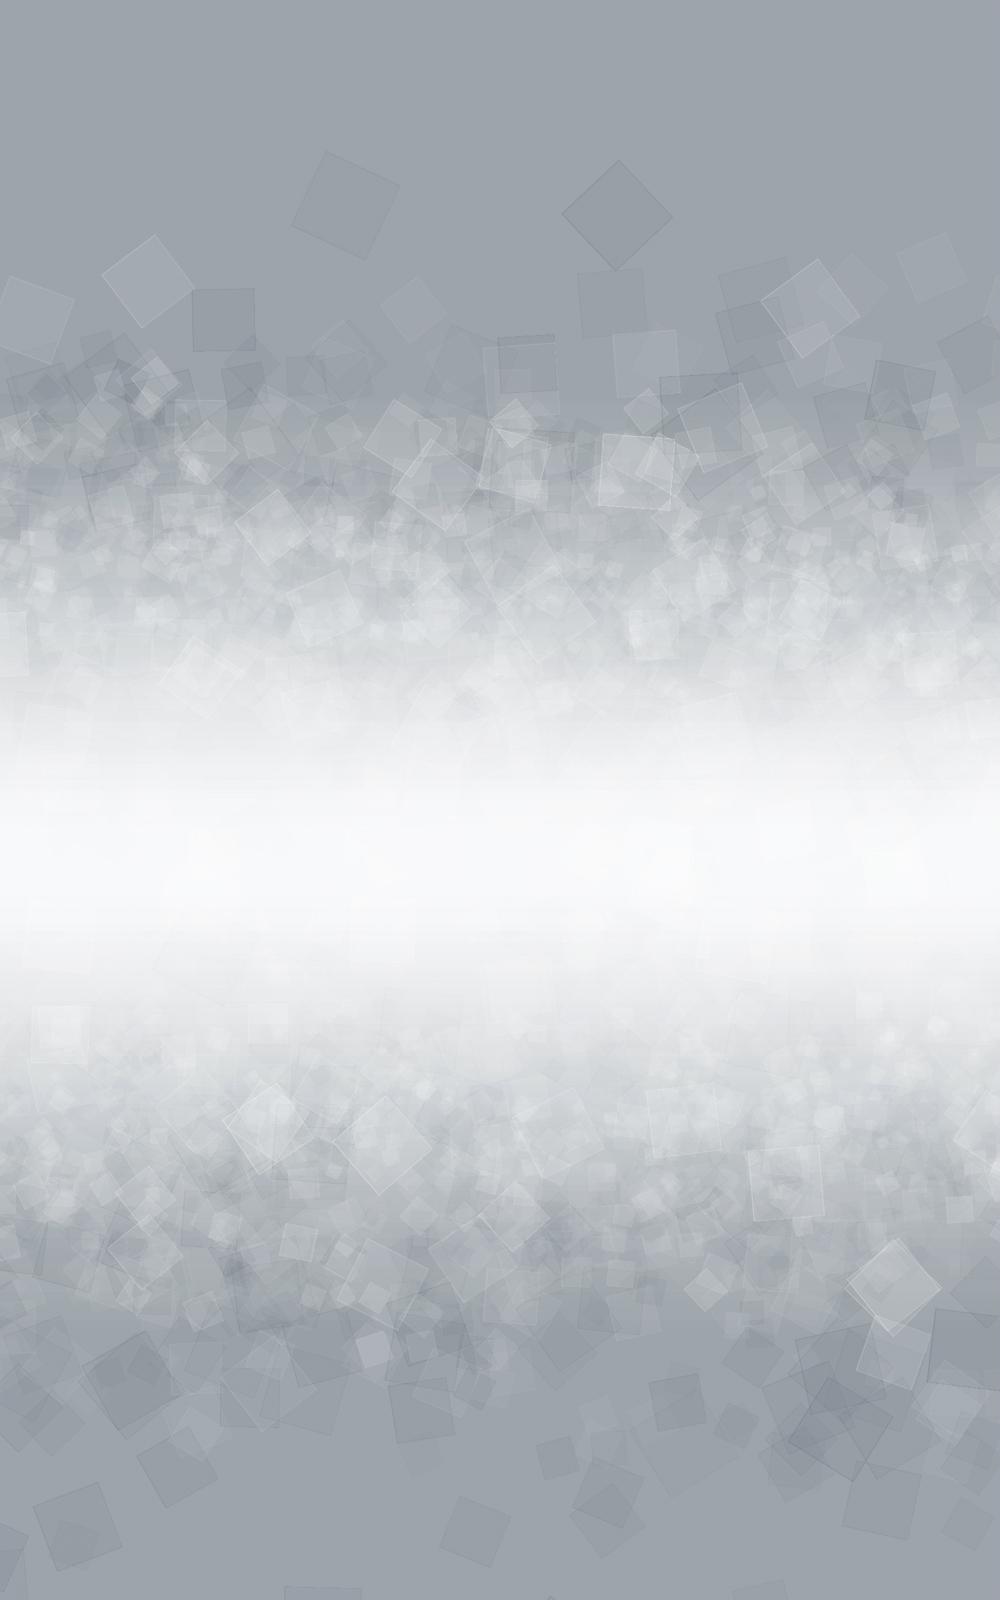 キラキラした抽象的な表紙画像(3e)